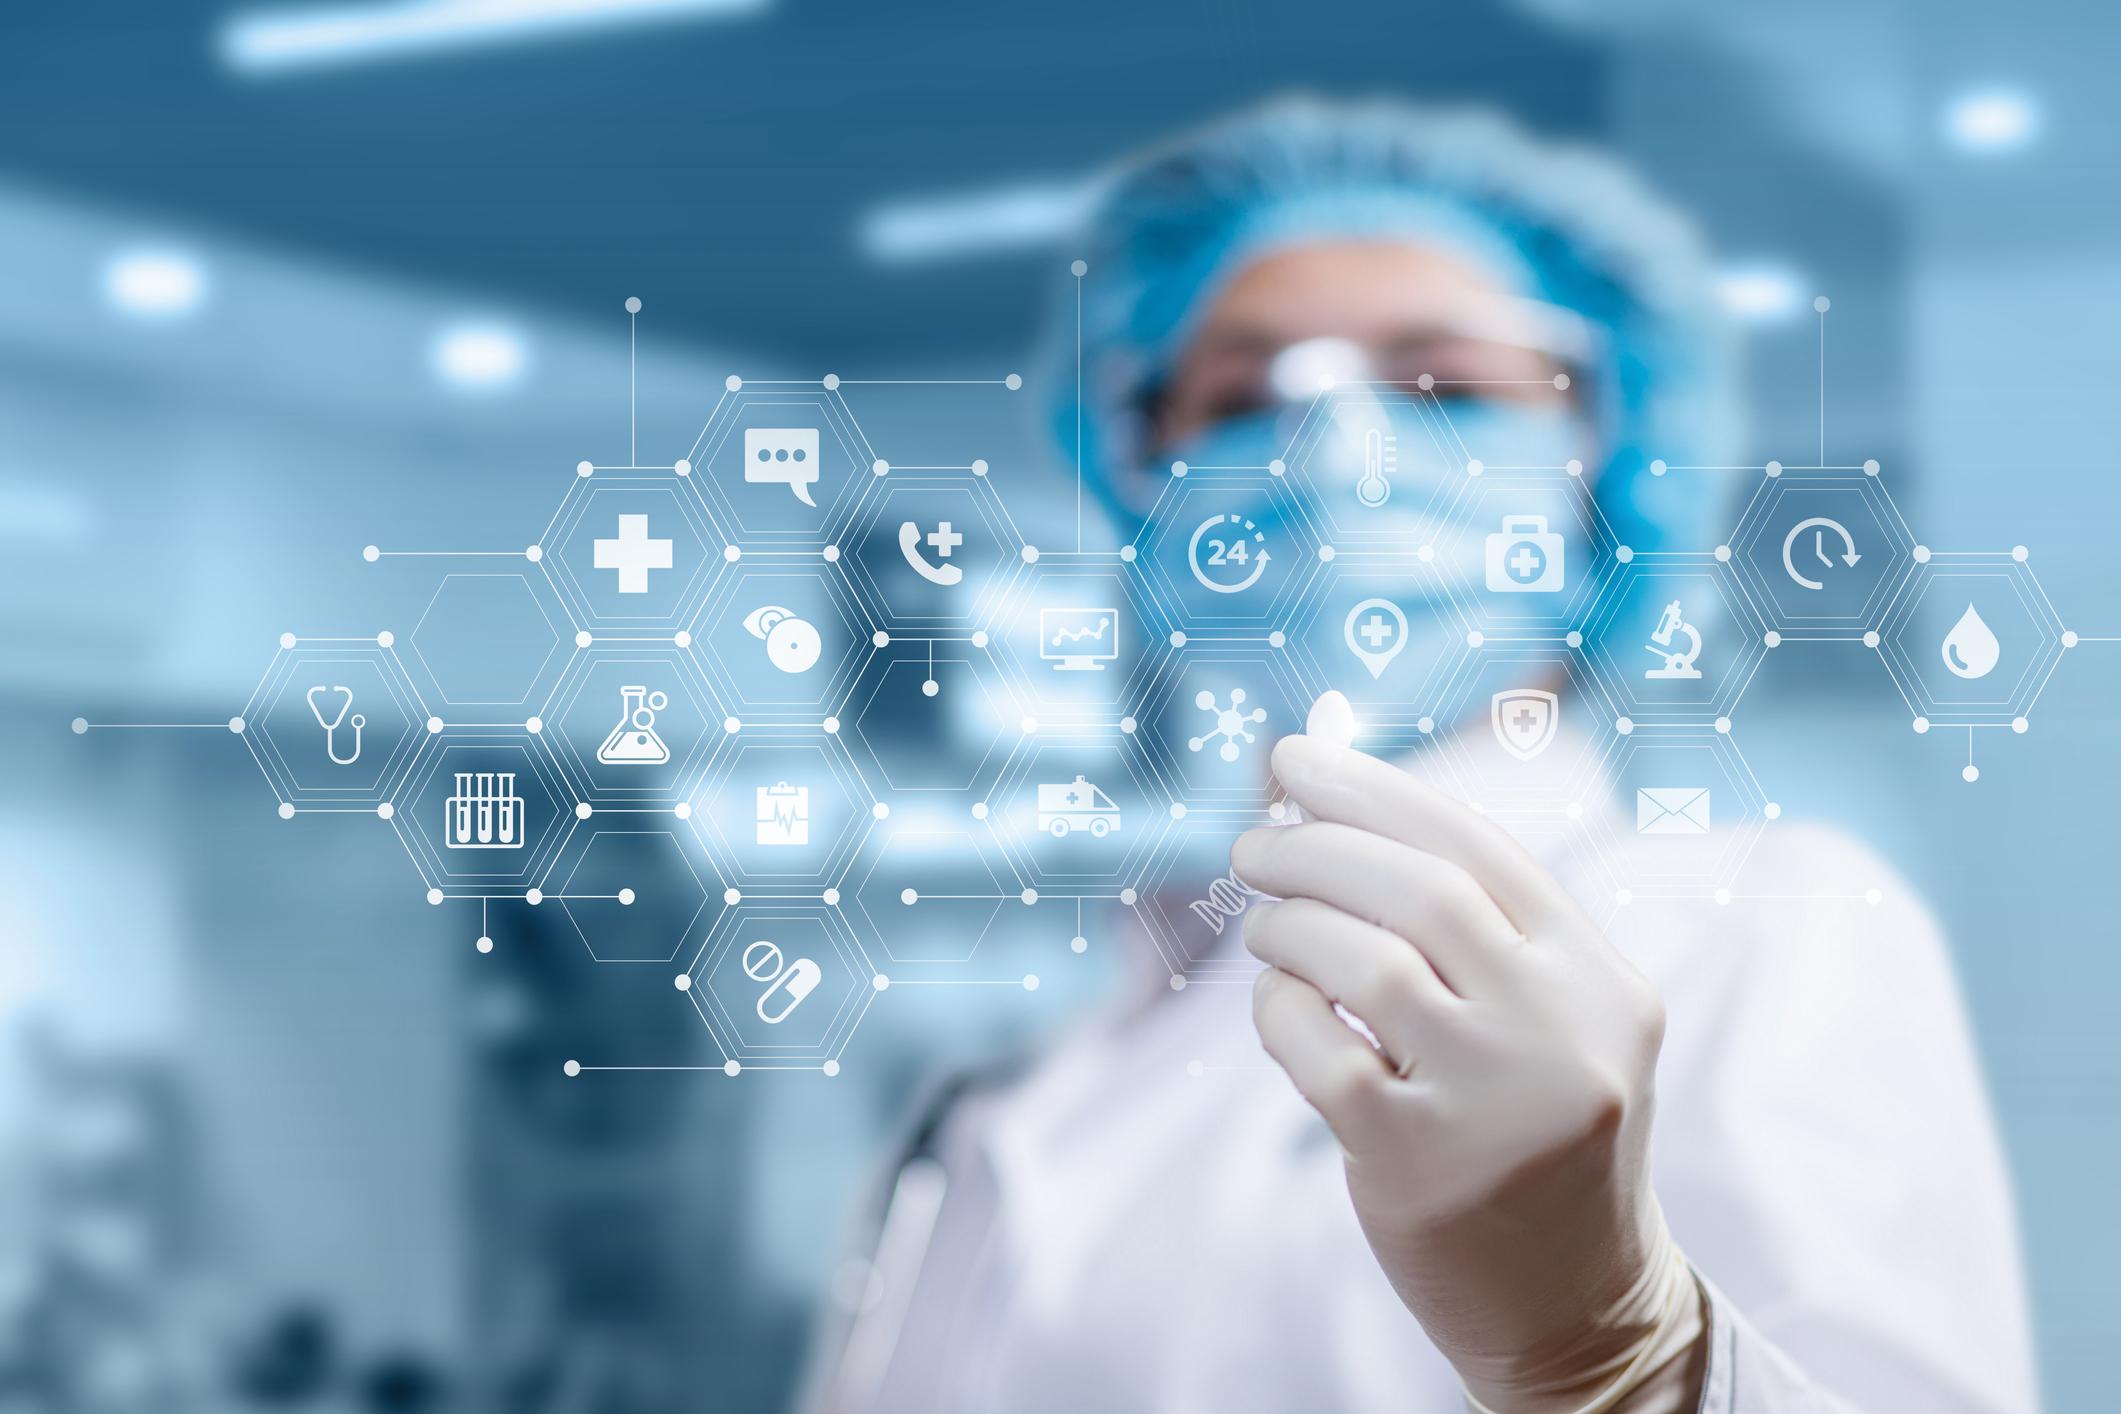 Biologické lieky prinášajú inovatívnu liečbu aj tam, kde klasická liečba zlyhala